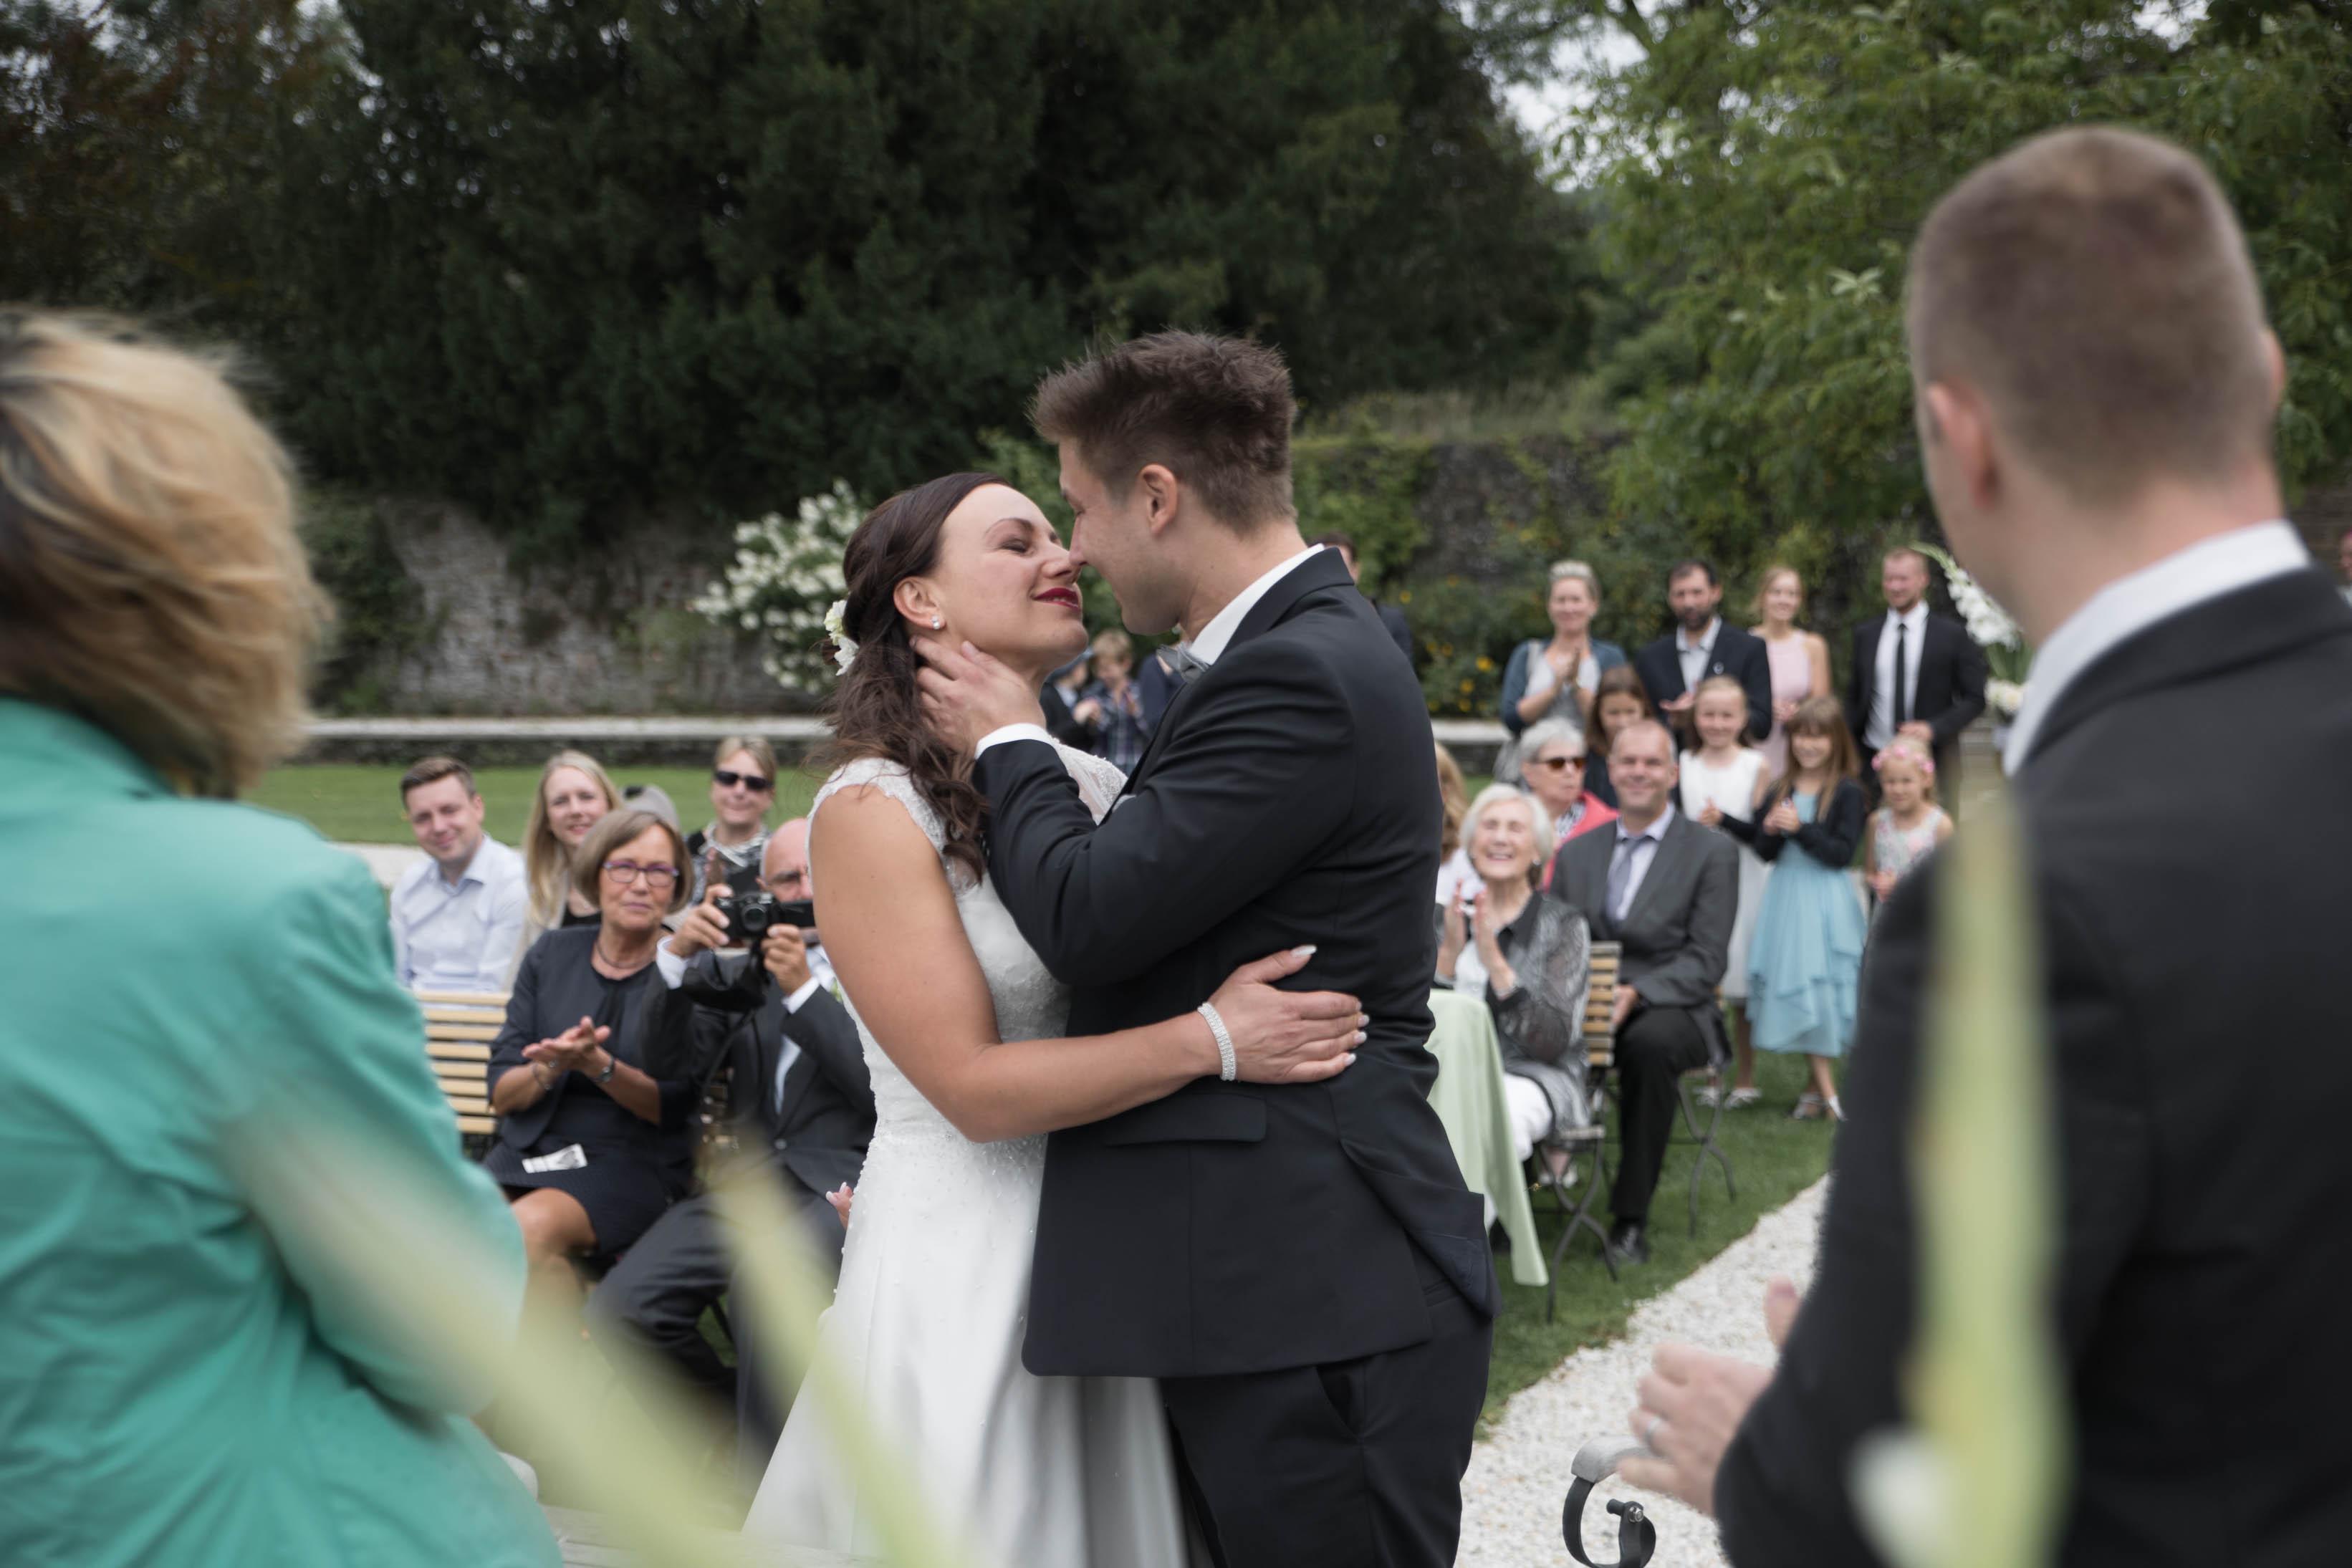 Drohne Mieten Fur Hochzeiten Besondere Hochzeitserinnerung